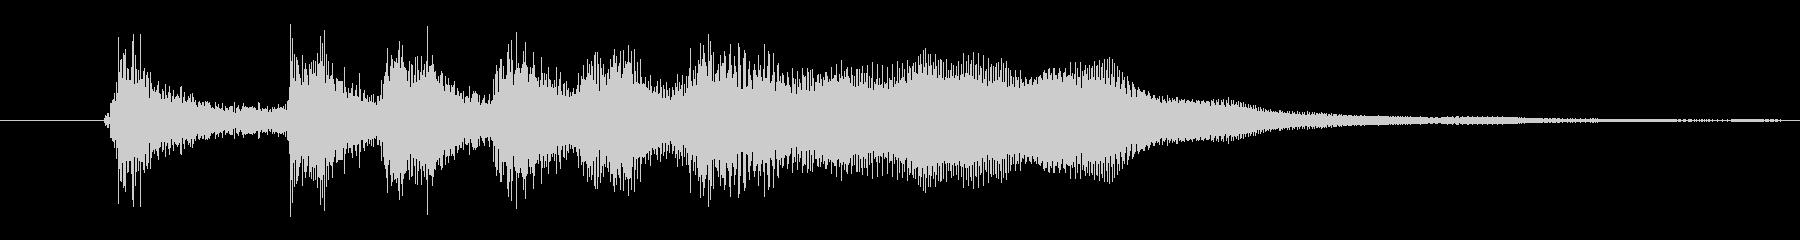 ファンファーレ(パッパパパパパーン)02の未再生の波形